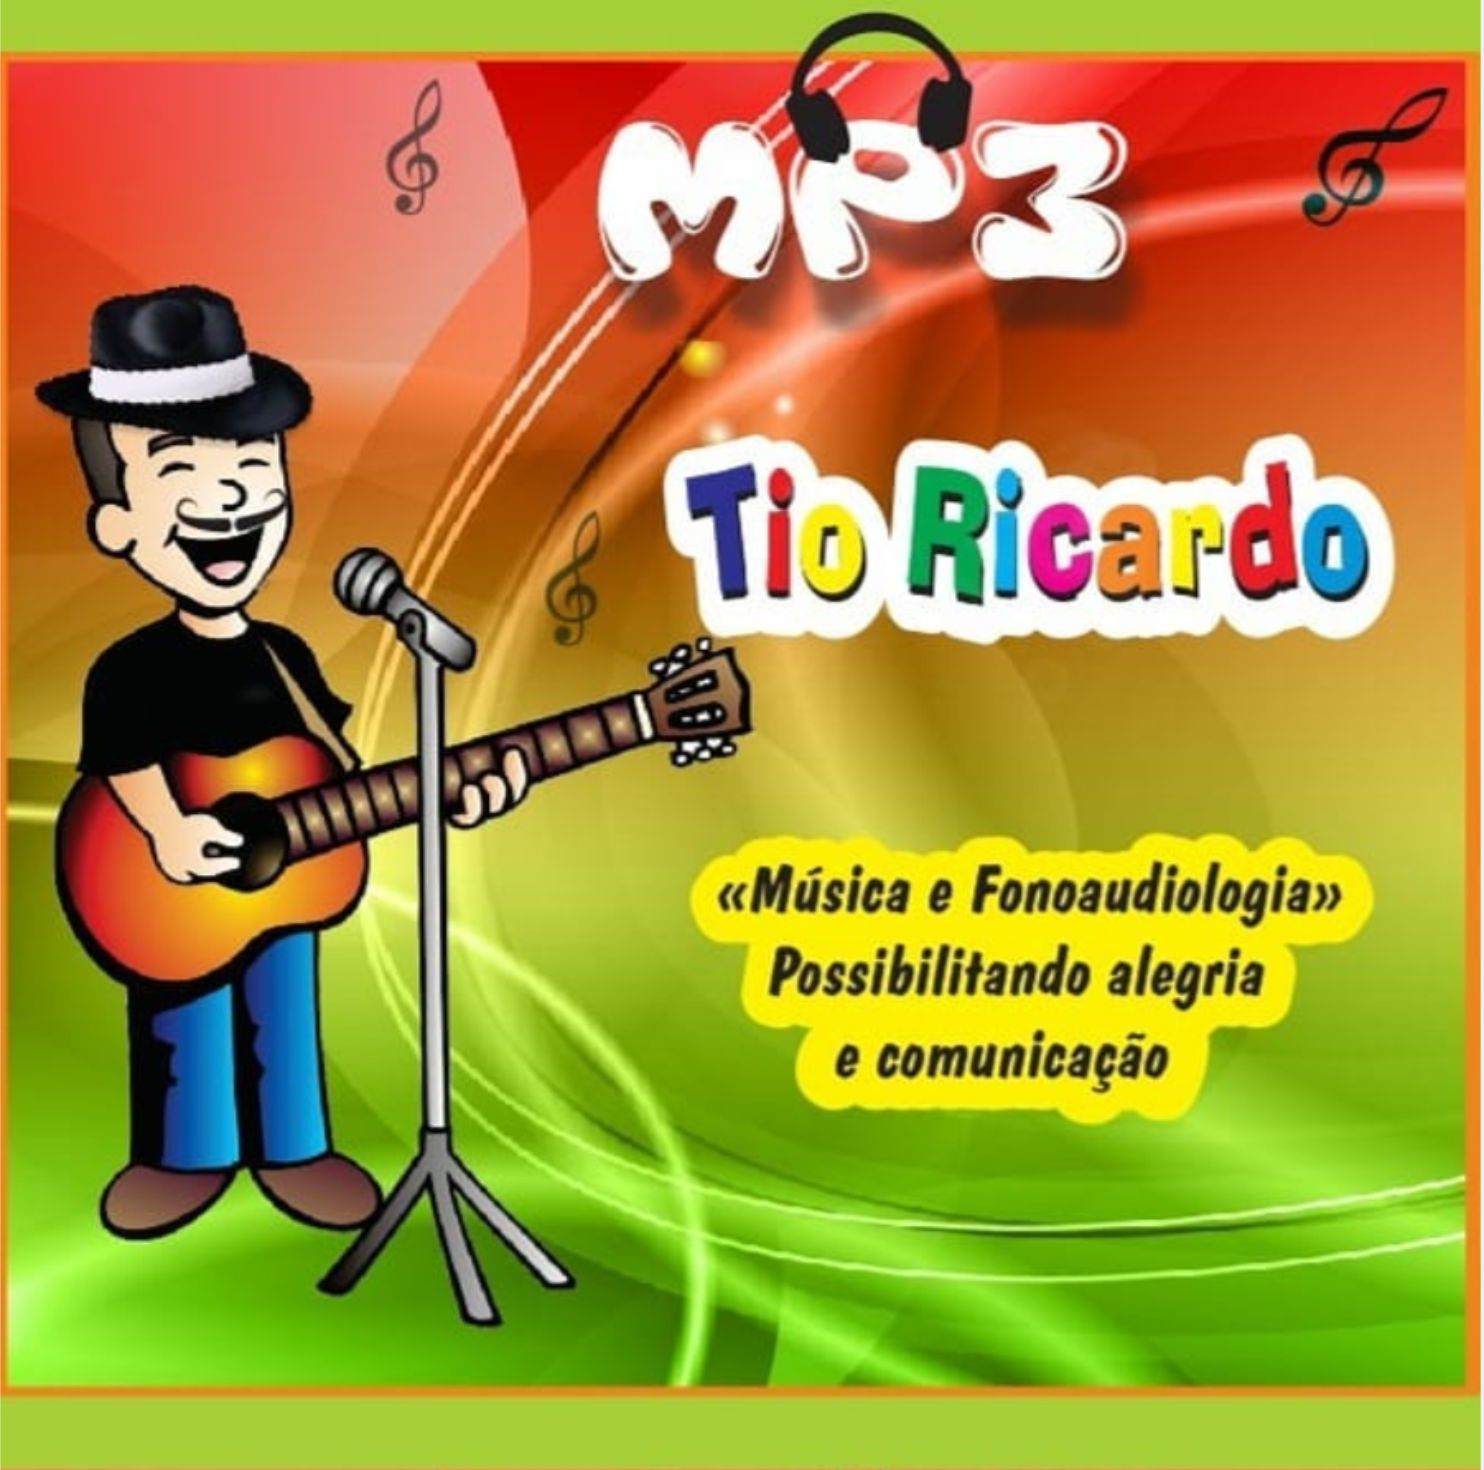 MUSICOTERAPIA TIO RICARDO CD MÚSICAS TERAPÊUTICAS